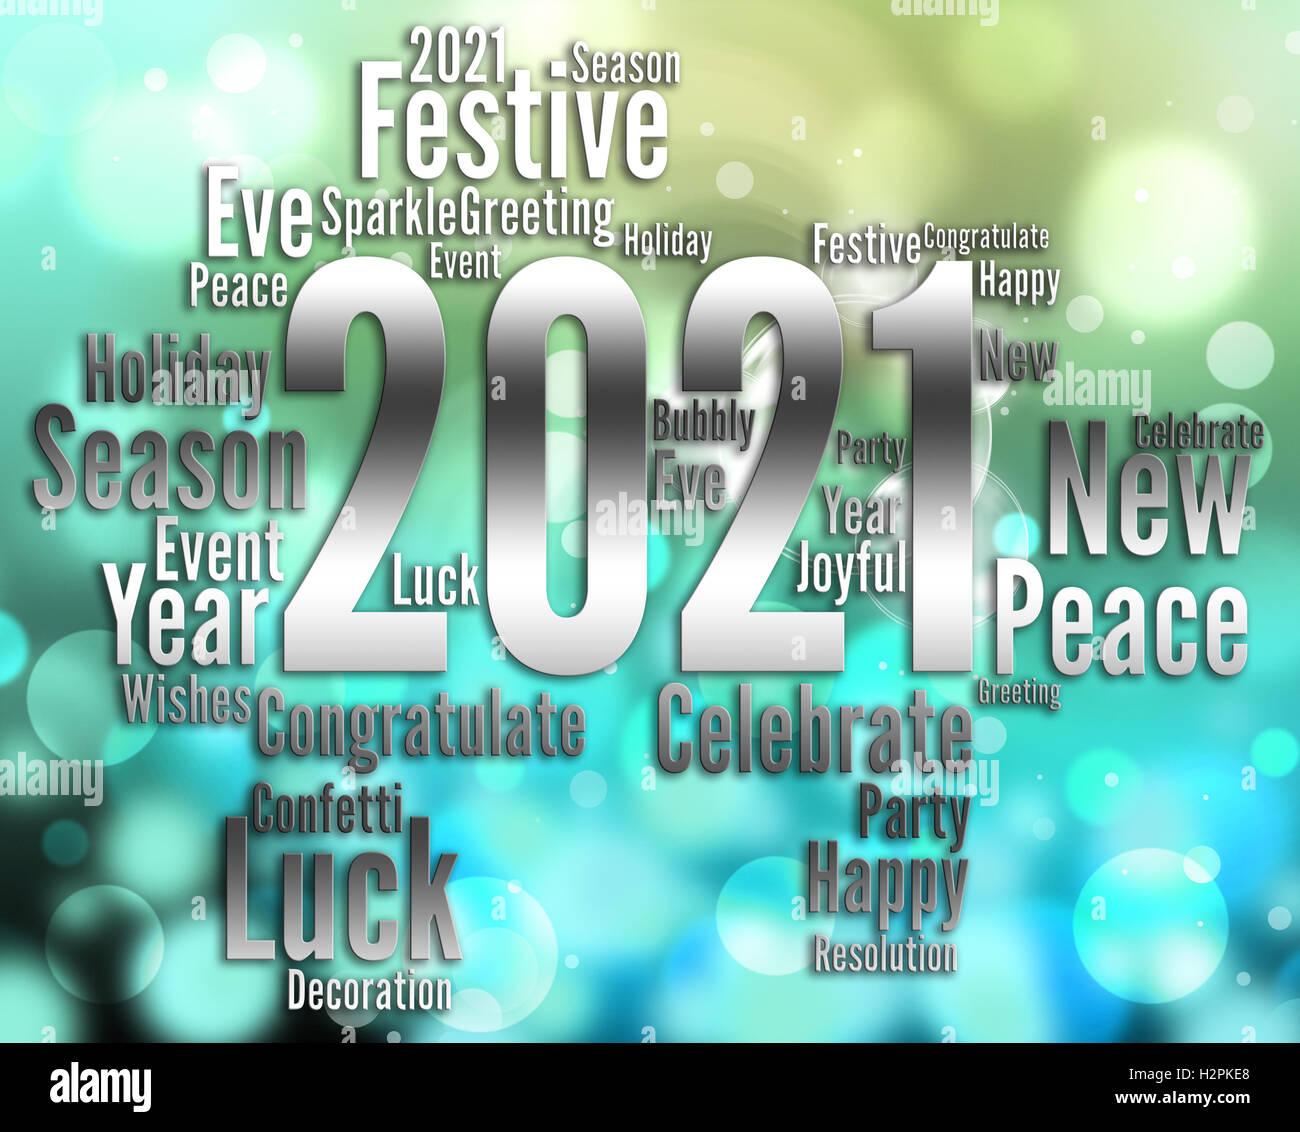 two thousand twenty one words for 2021 new year party stock photo alamy https www alamy com stock photo two thousand twenty one words for 2021 new year party 122200128 html